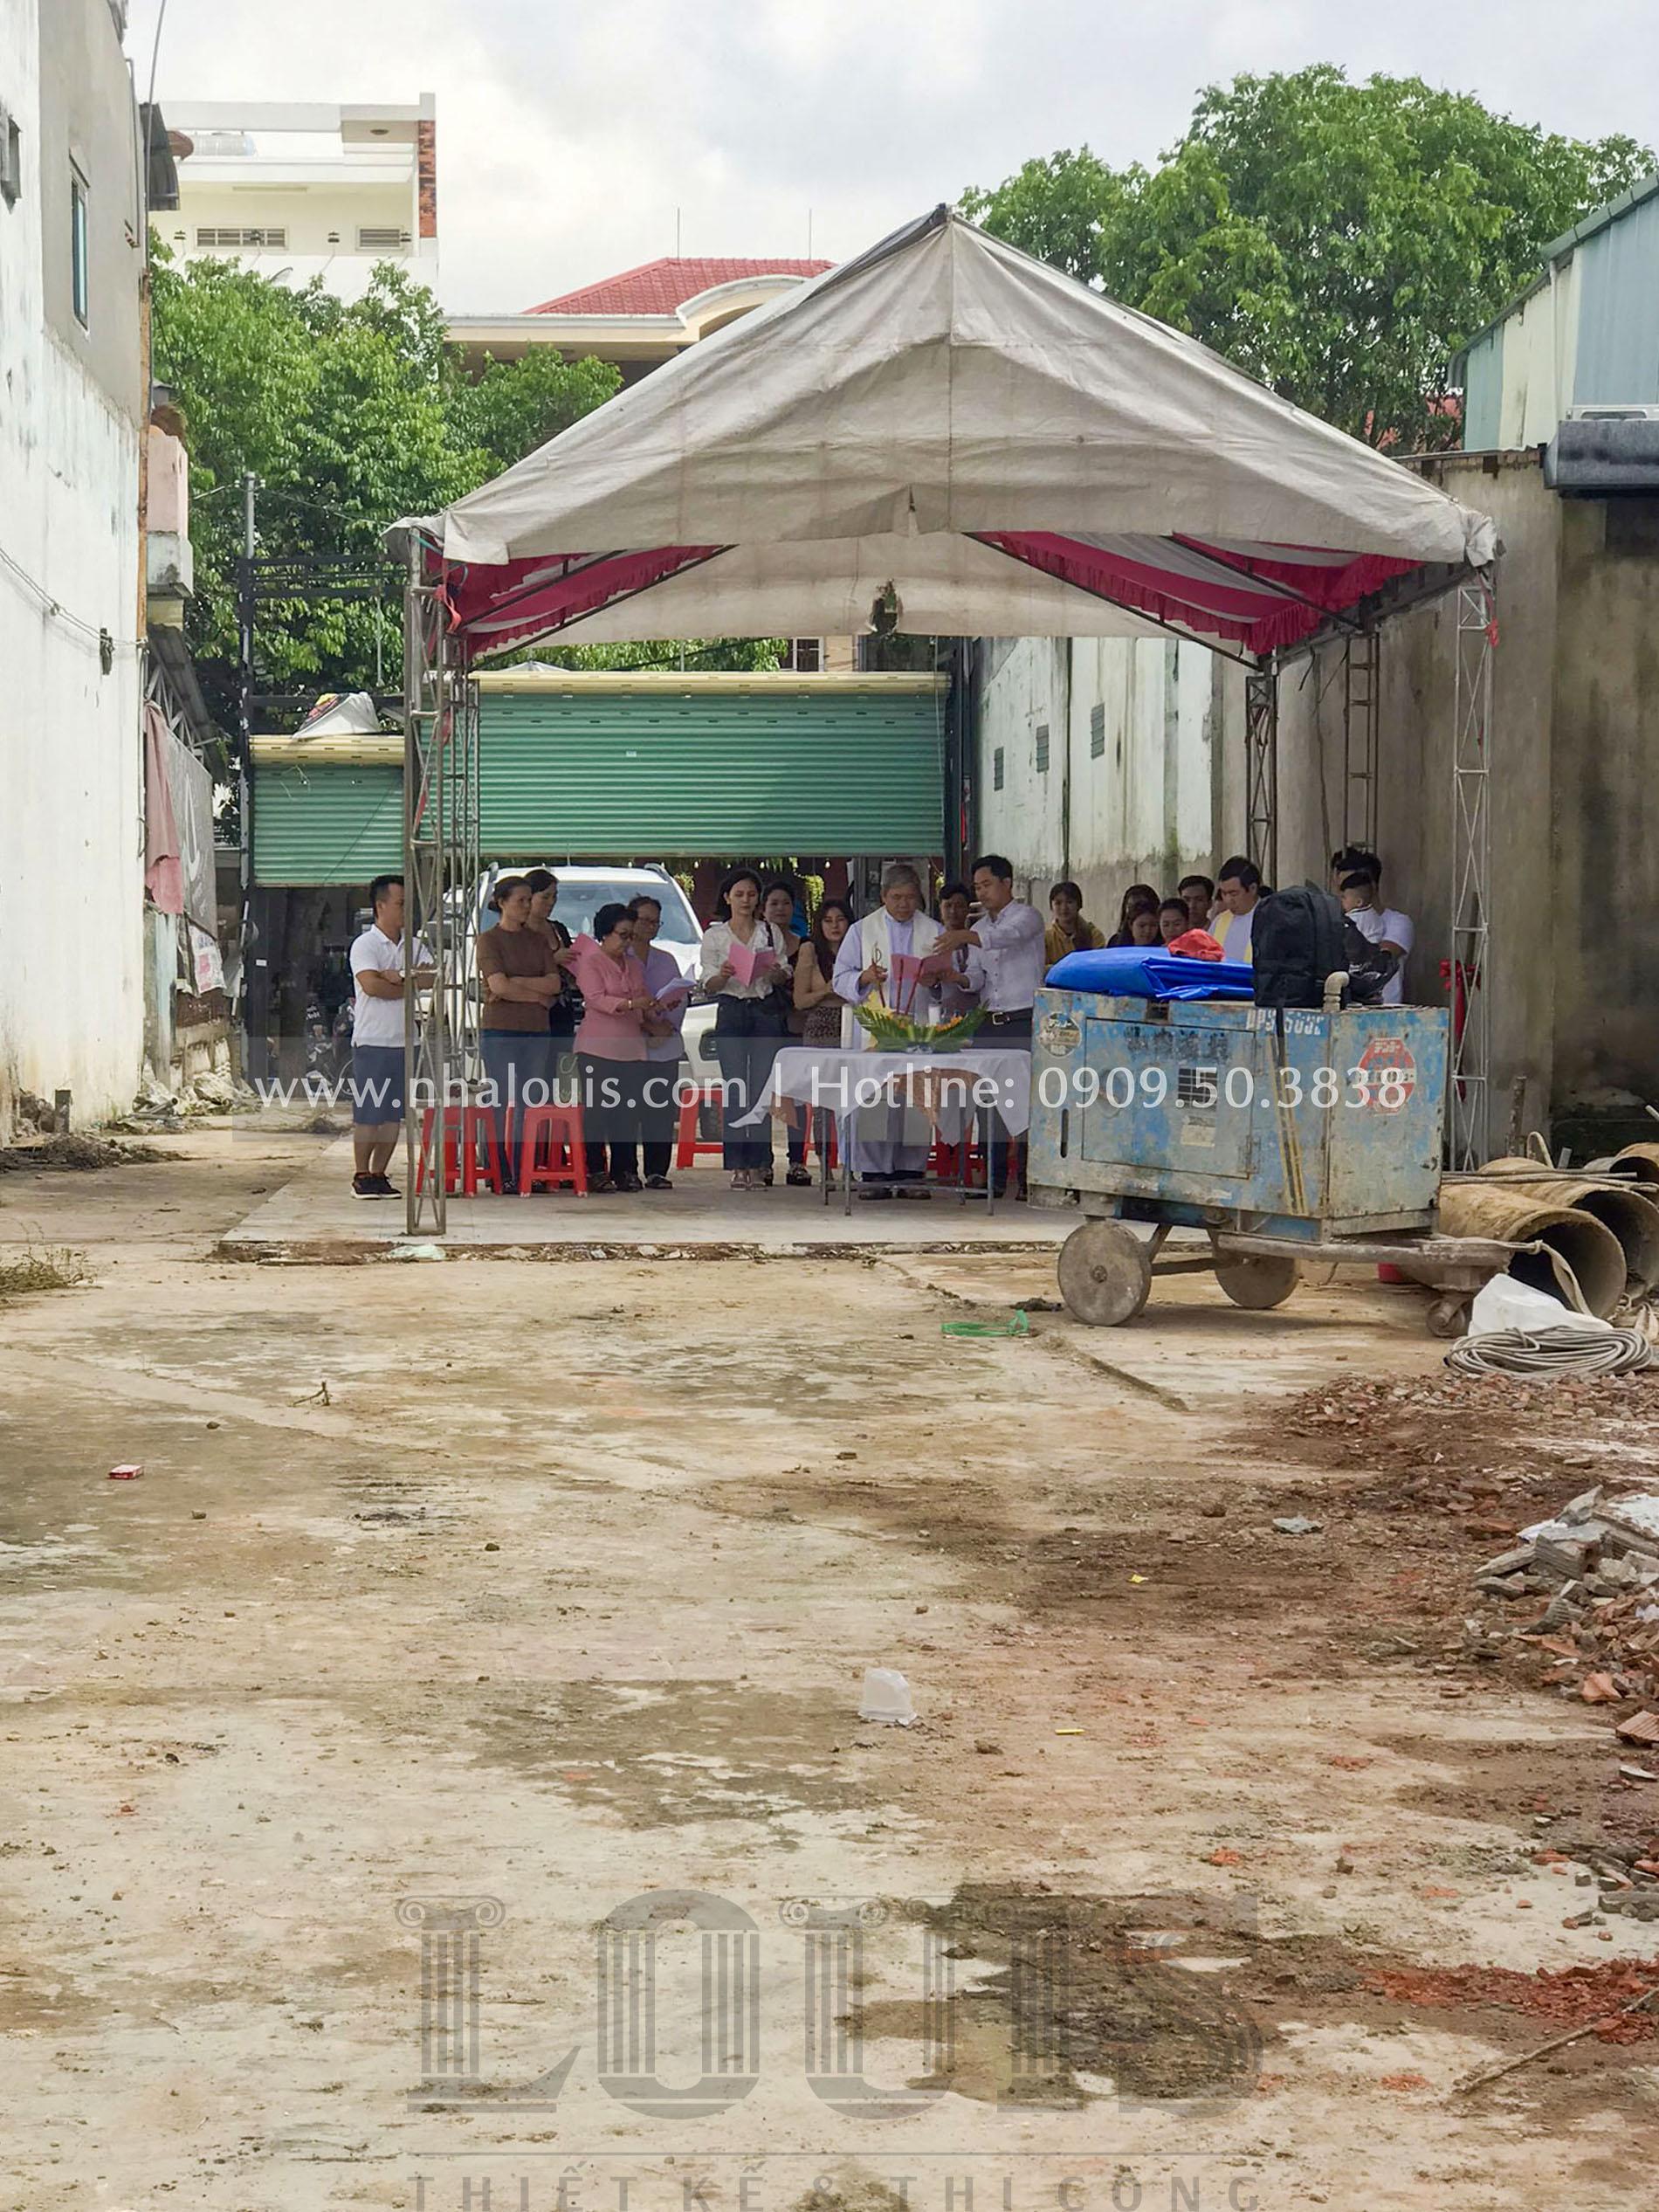 Khởi công biệt thự cổ điển 5 tầng lộng lẫy tại Đồng Nai